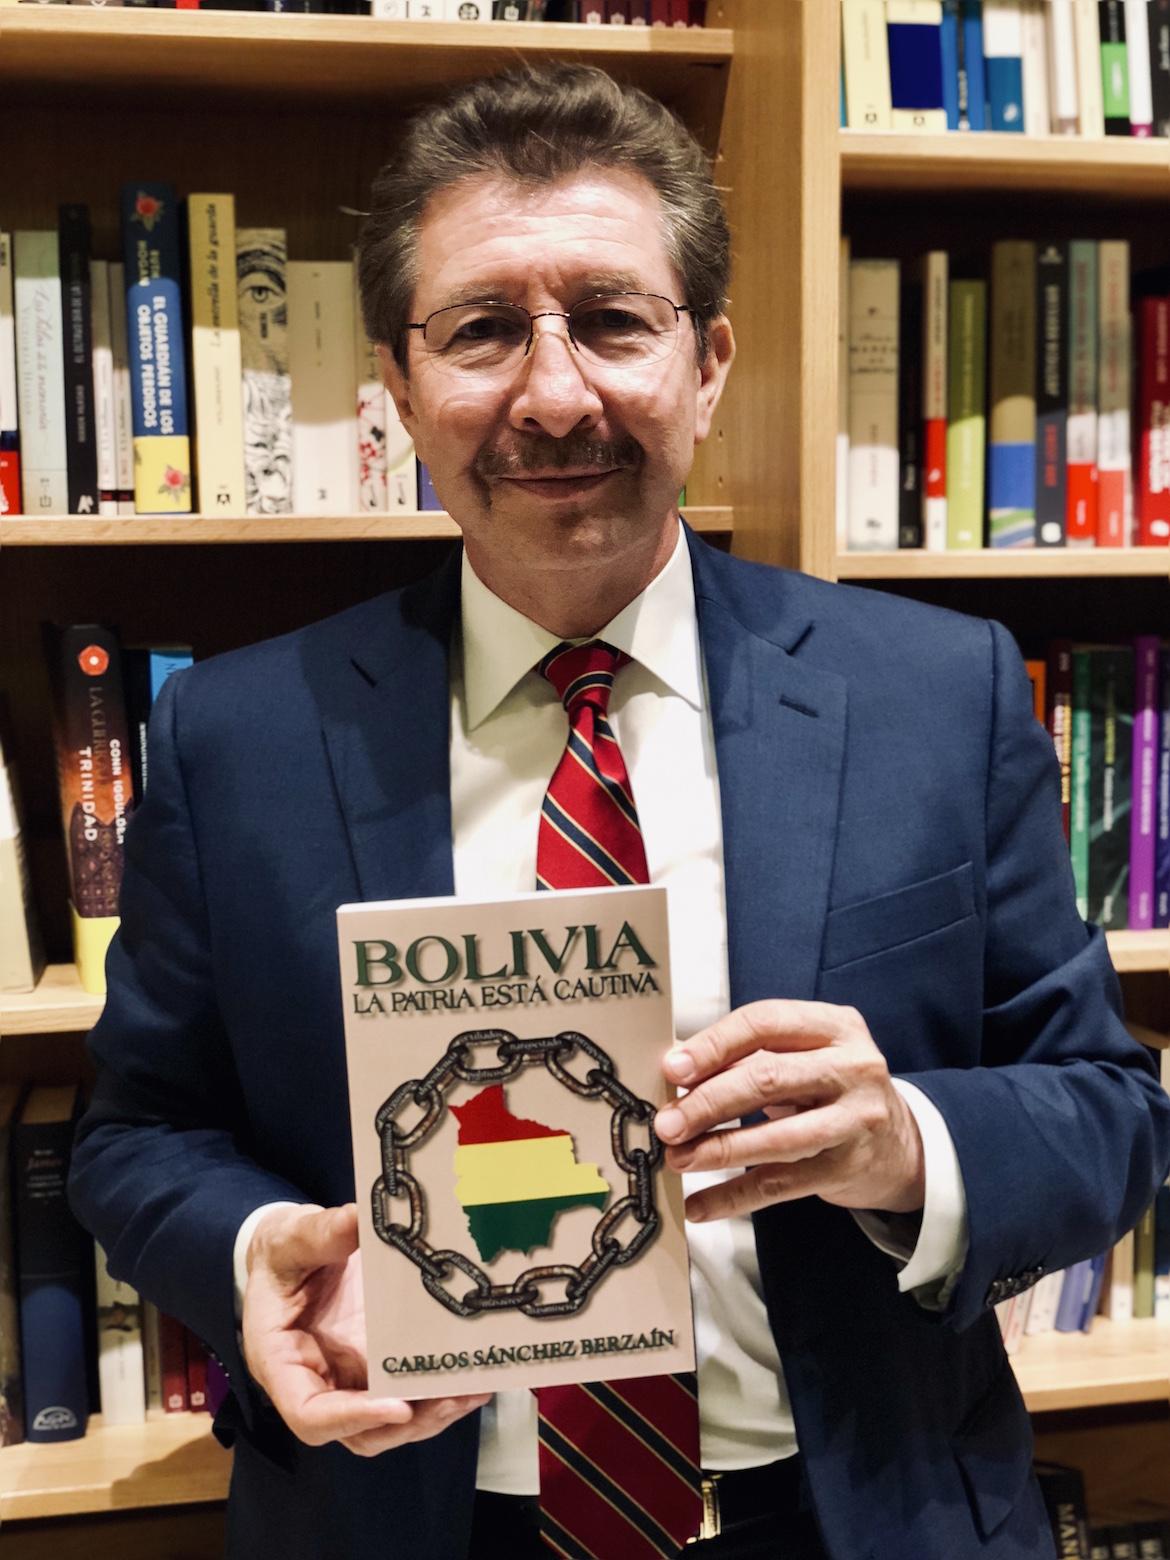 El asilado político en EEUU y Director del Instituto Interamericano por la Democracia, Carlos Sánchez Berzaín es uno de los máximos representantes del exilio boliviano en suelo norteamericano. Foto Infobae